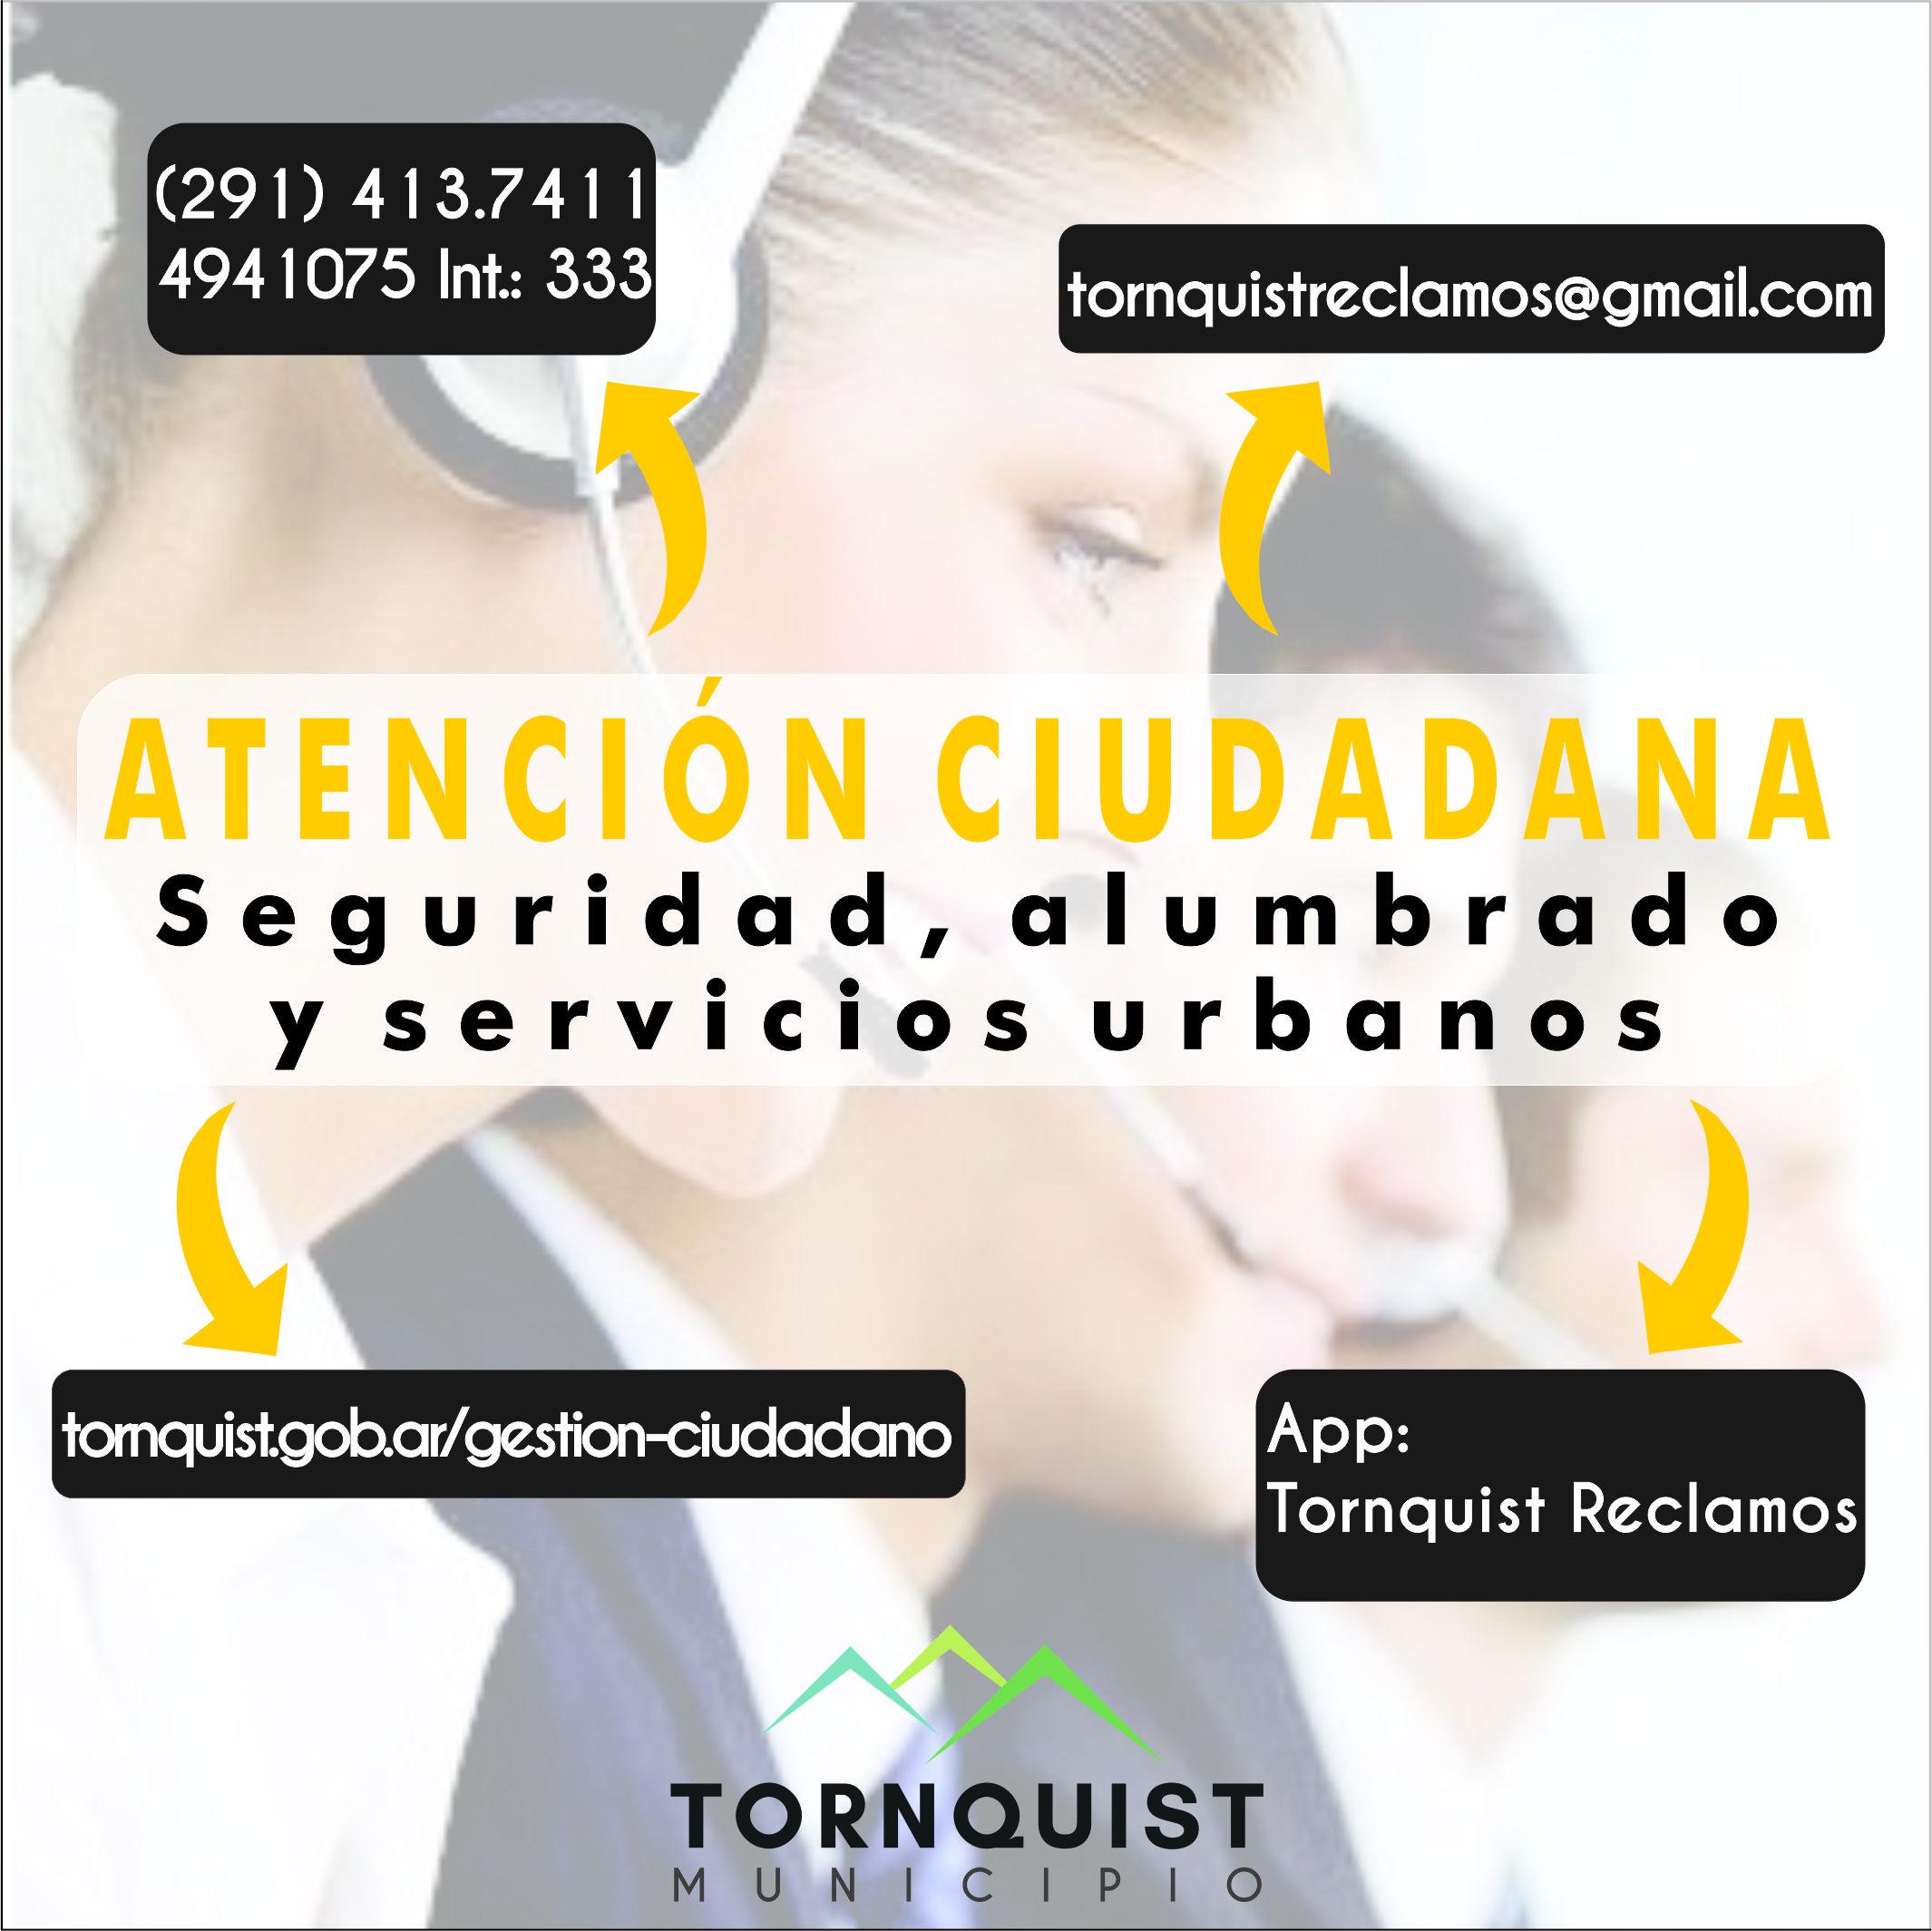 Tornquist Municipio recuerda las vías de comunicación de Atención Ciudadana